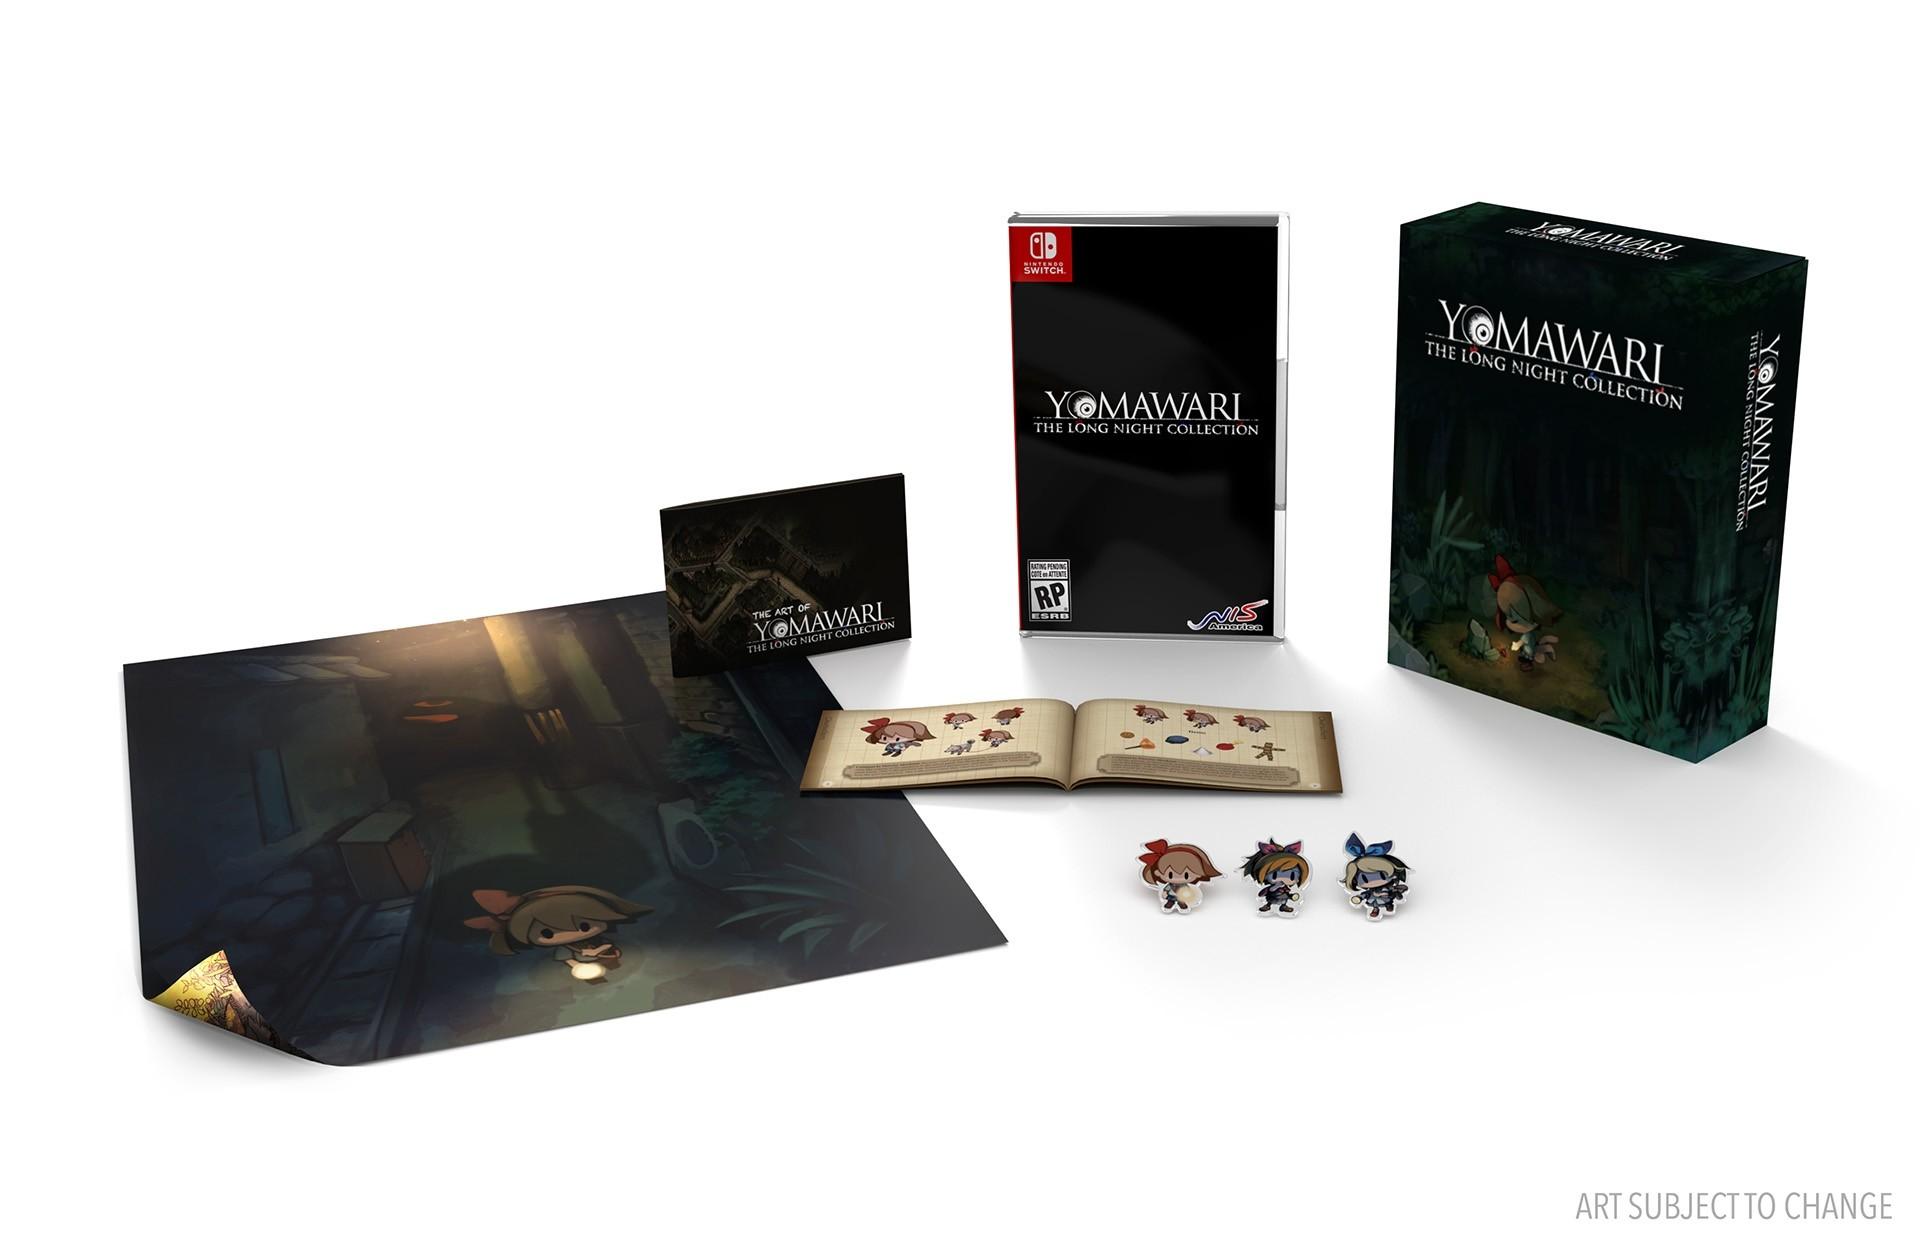 Edição limitada de Yomawari: The Long Night Collection